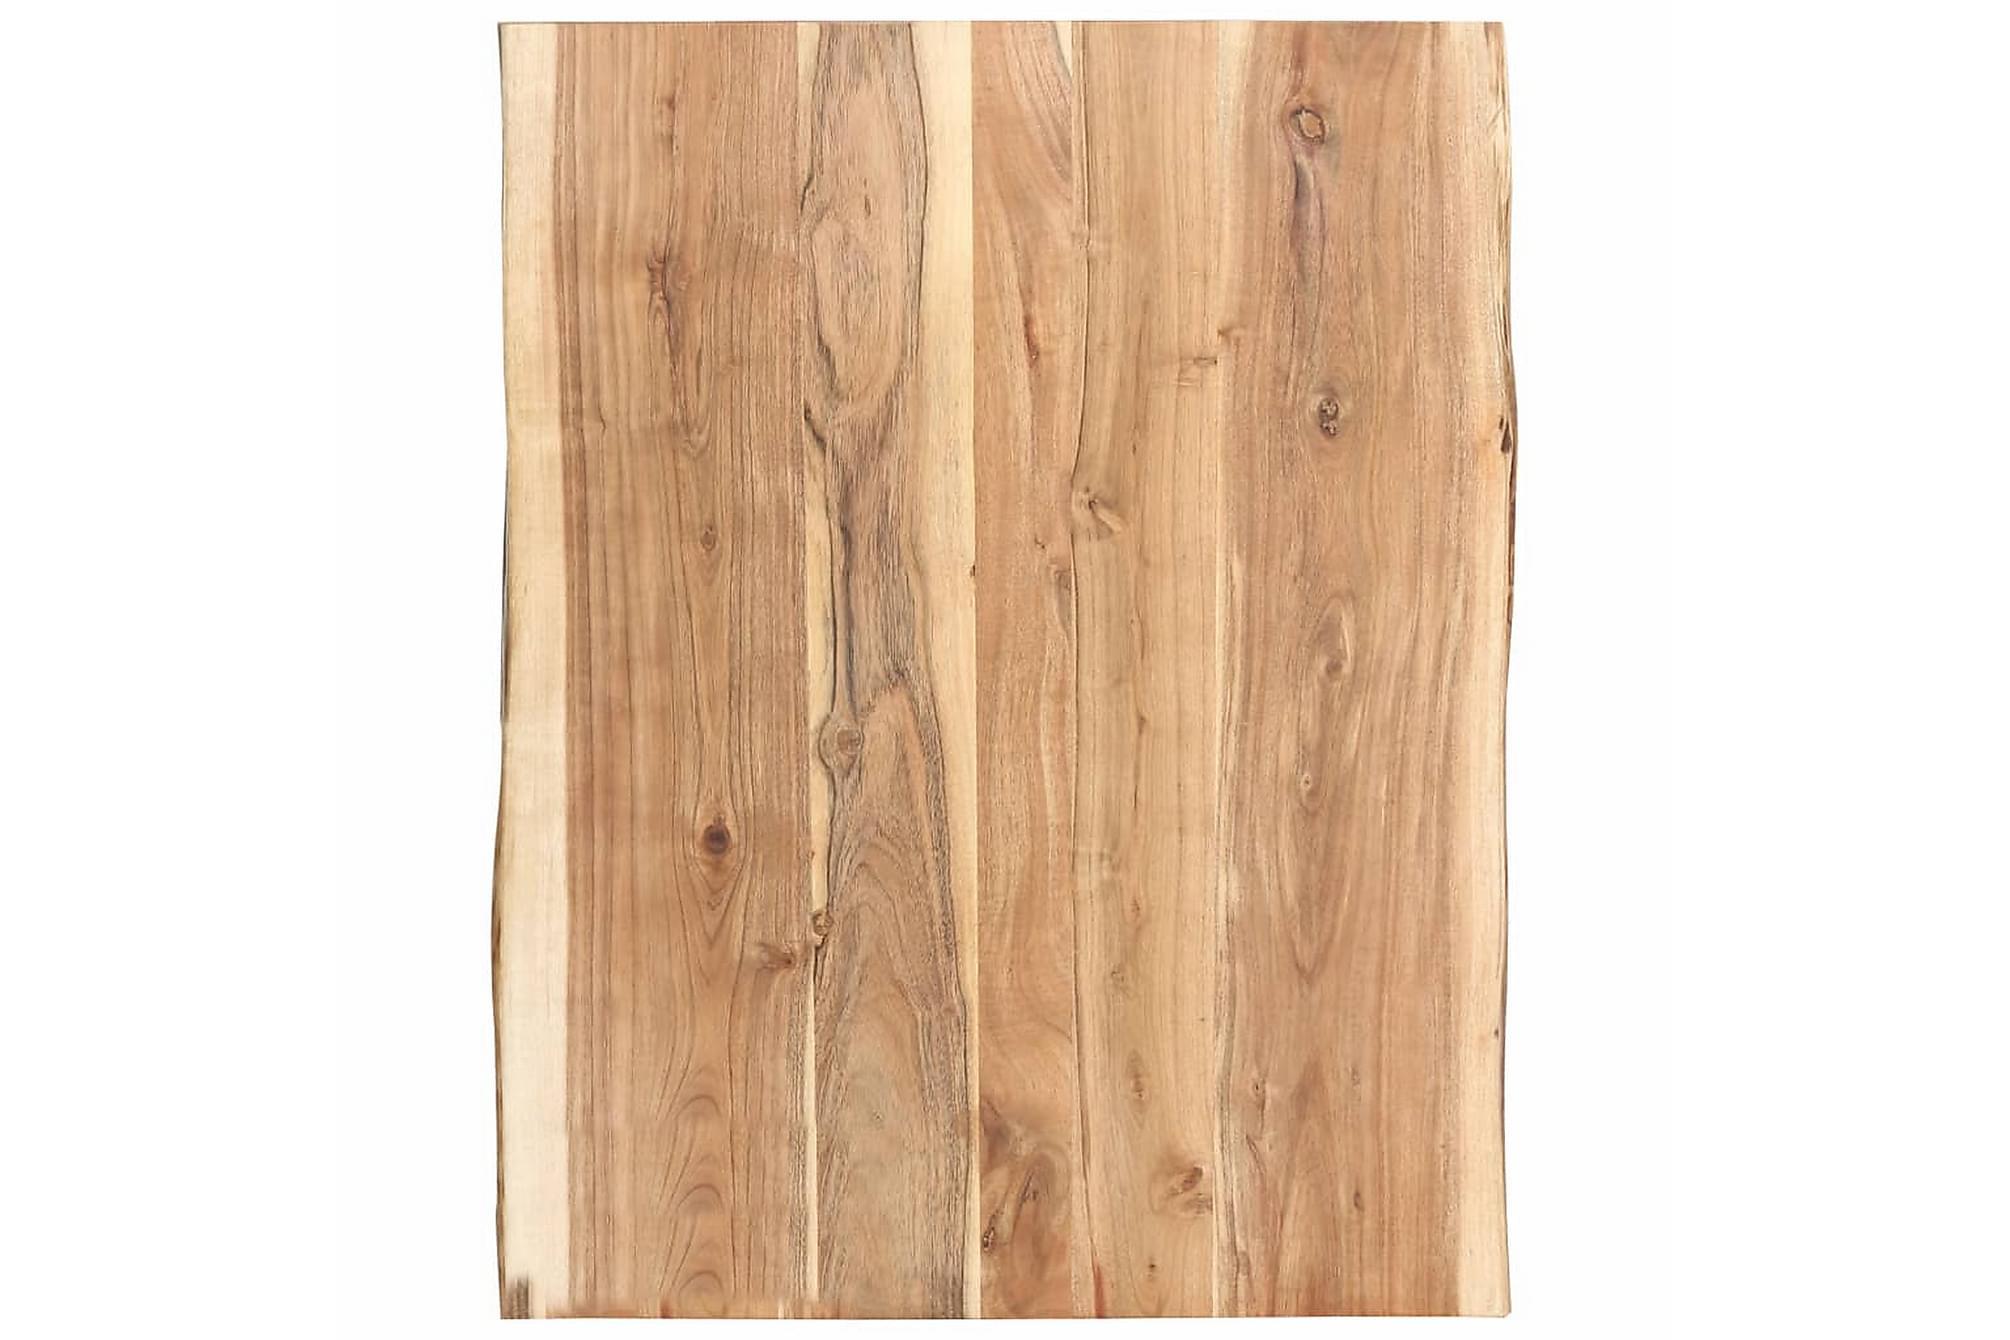 Bordsskiva massivt akaciaträ 80x60x3,8 cm, Bordsben & tillbehör